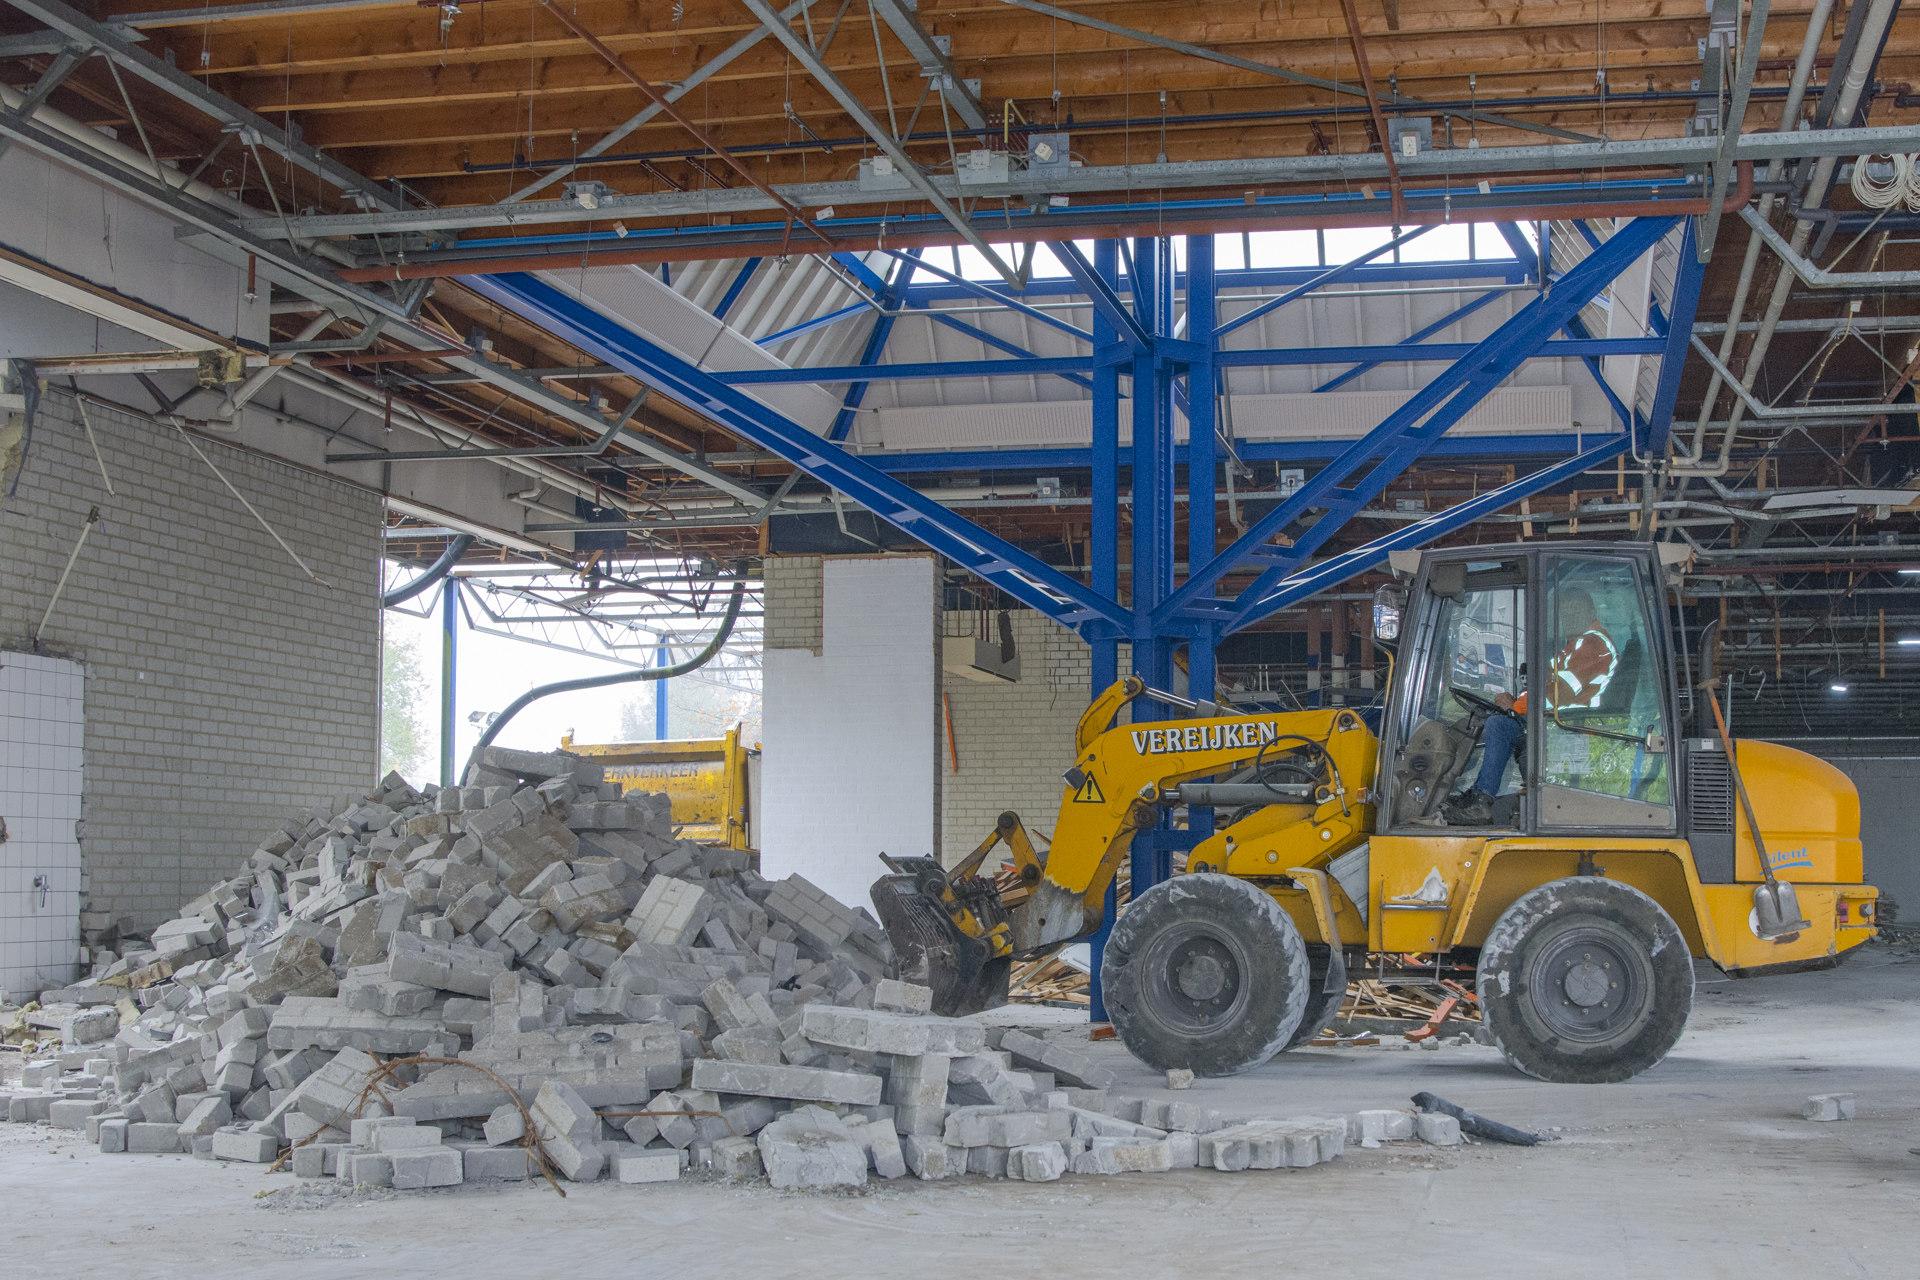 Verbouwing van het Karregat. Sloop week 3.